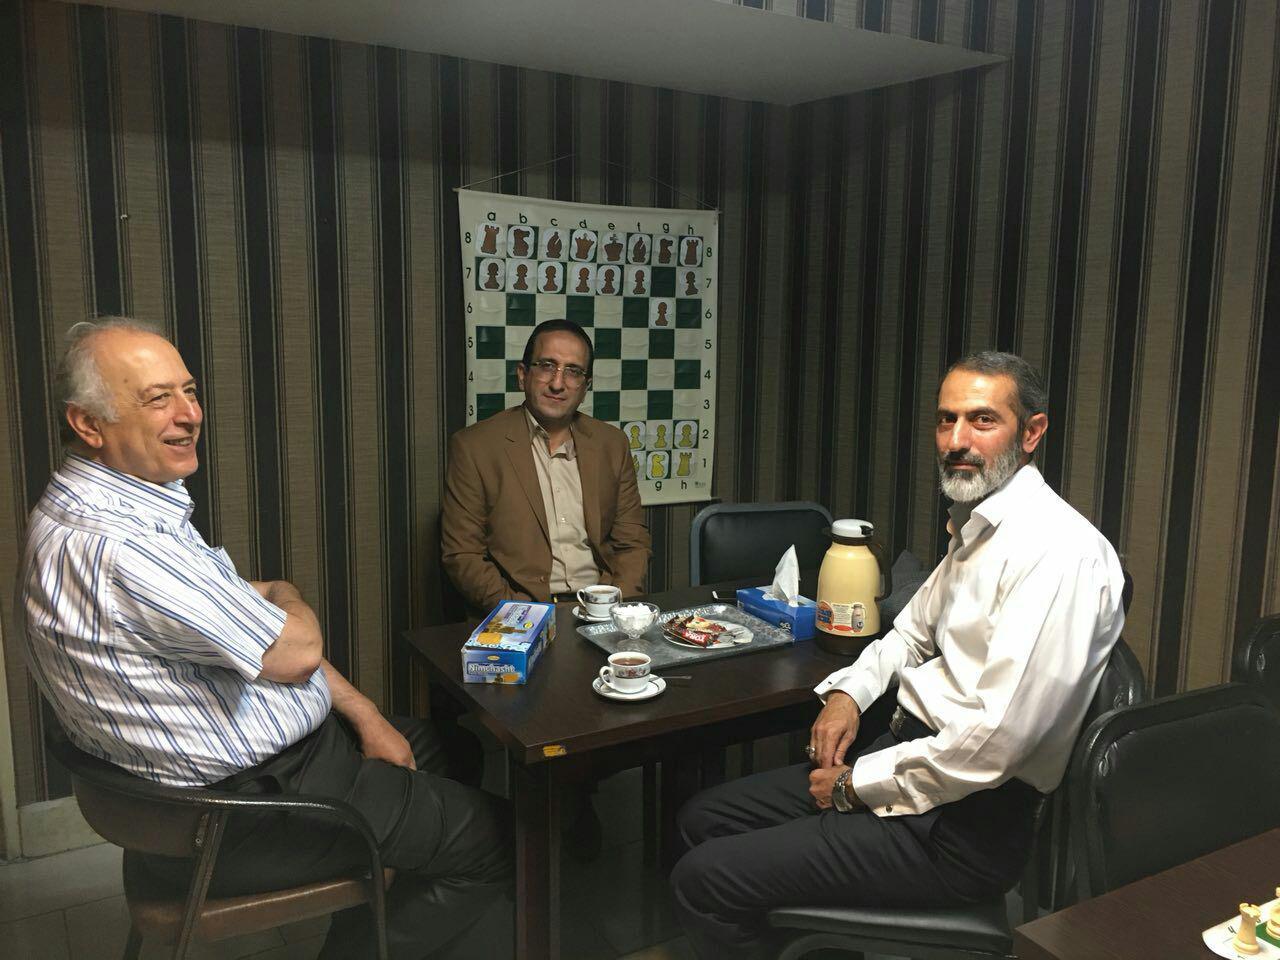 رییس اداره ورزش وجوانان شمال غرب امروز میهمان هیات شطرنج استان تهران بود.